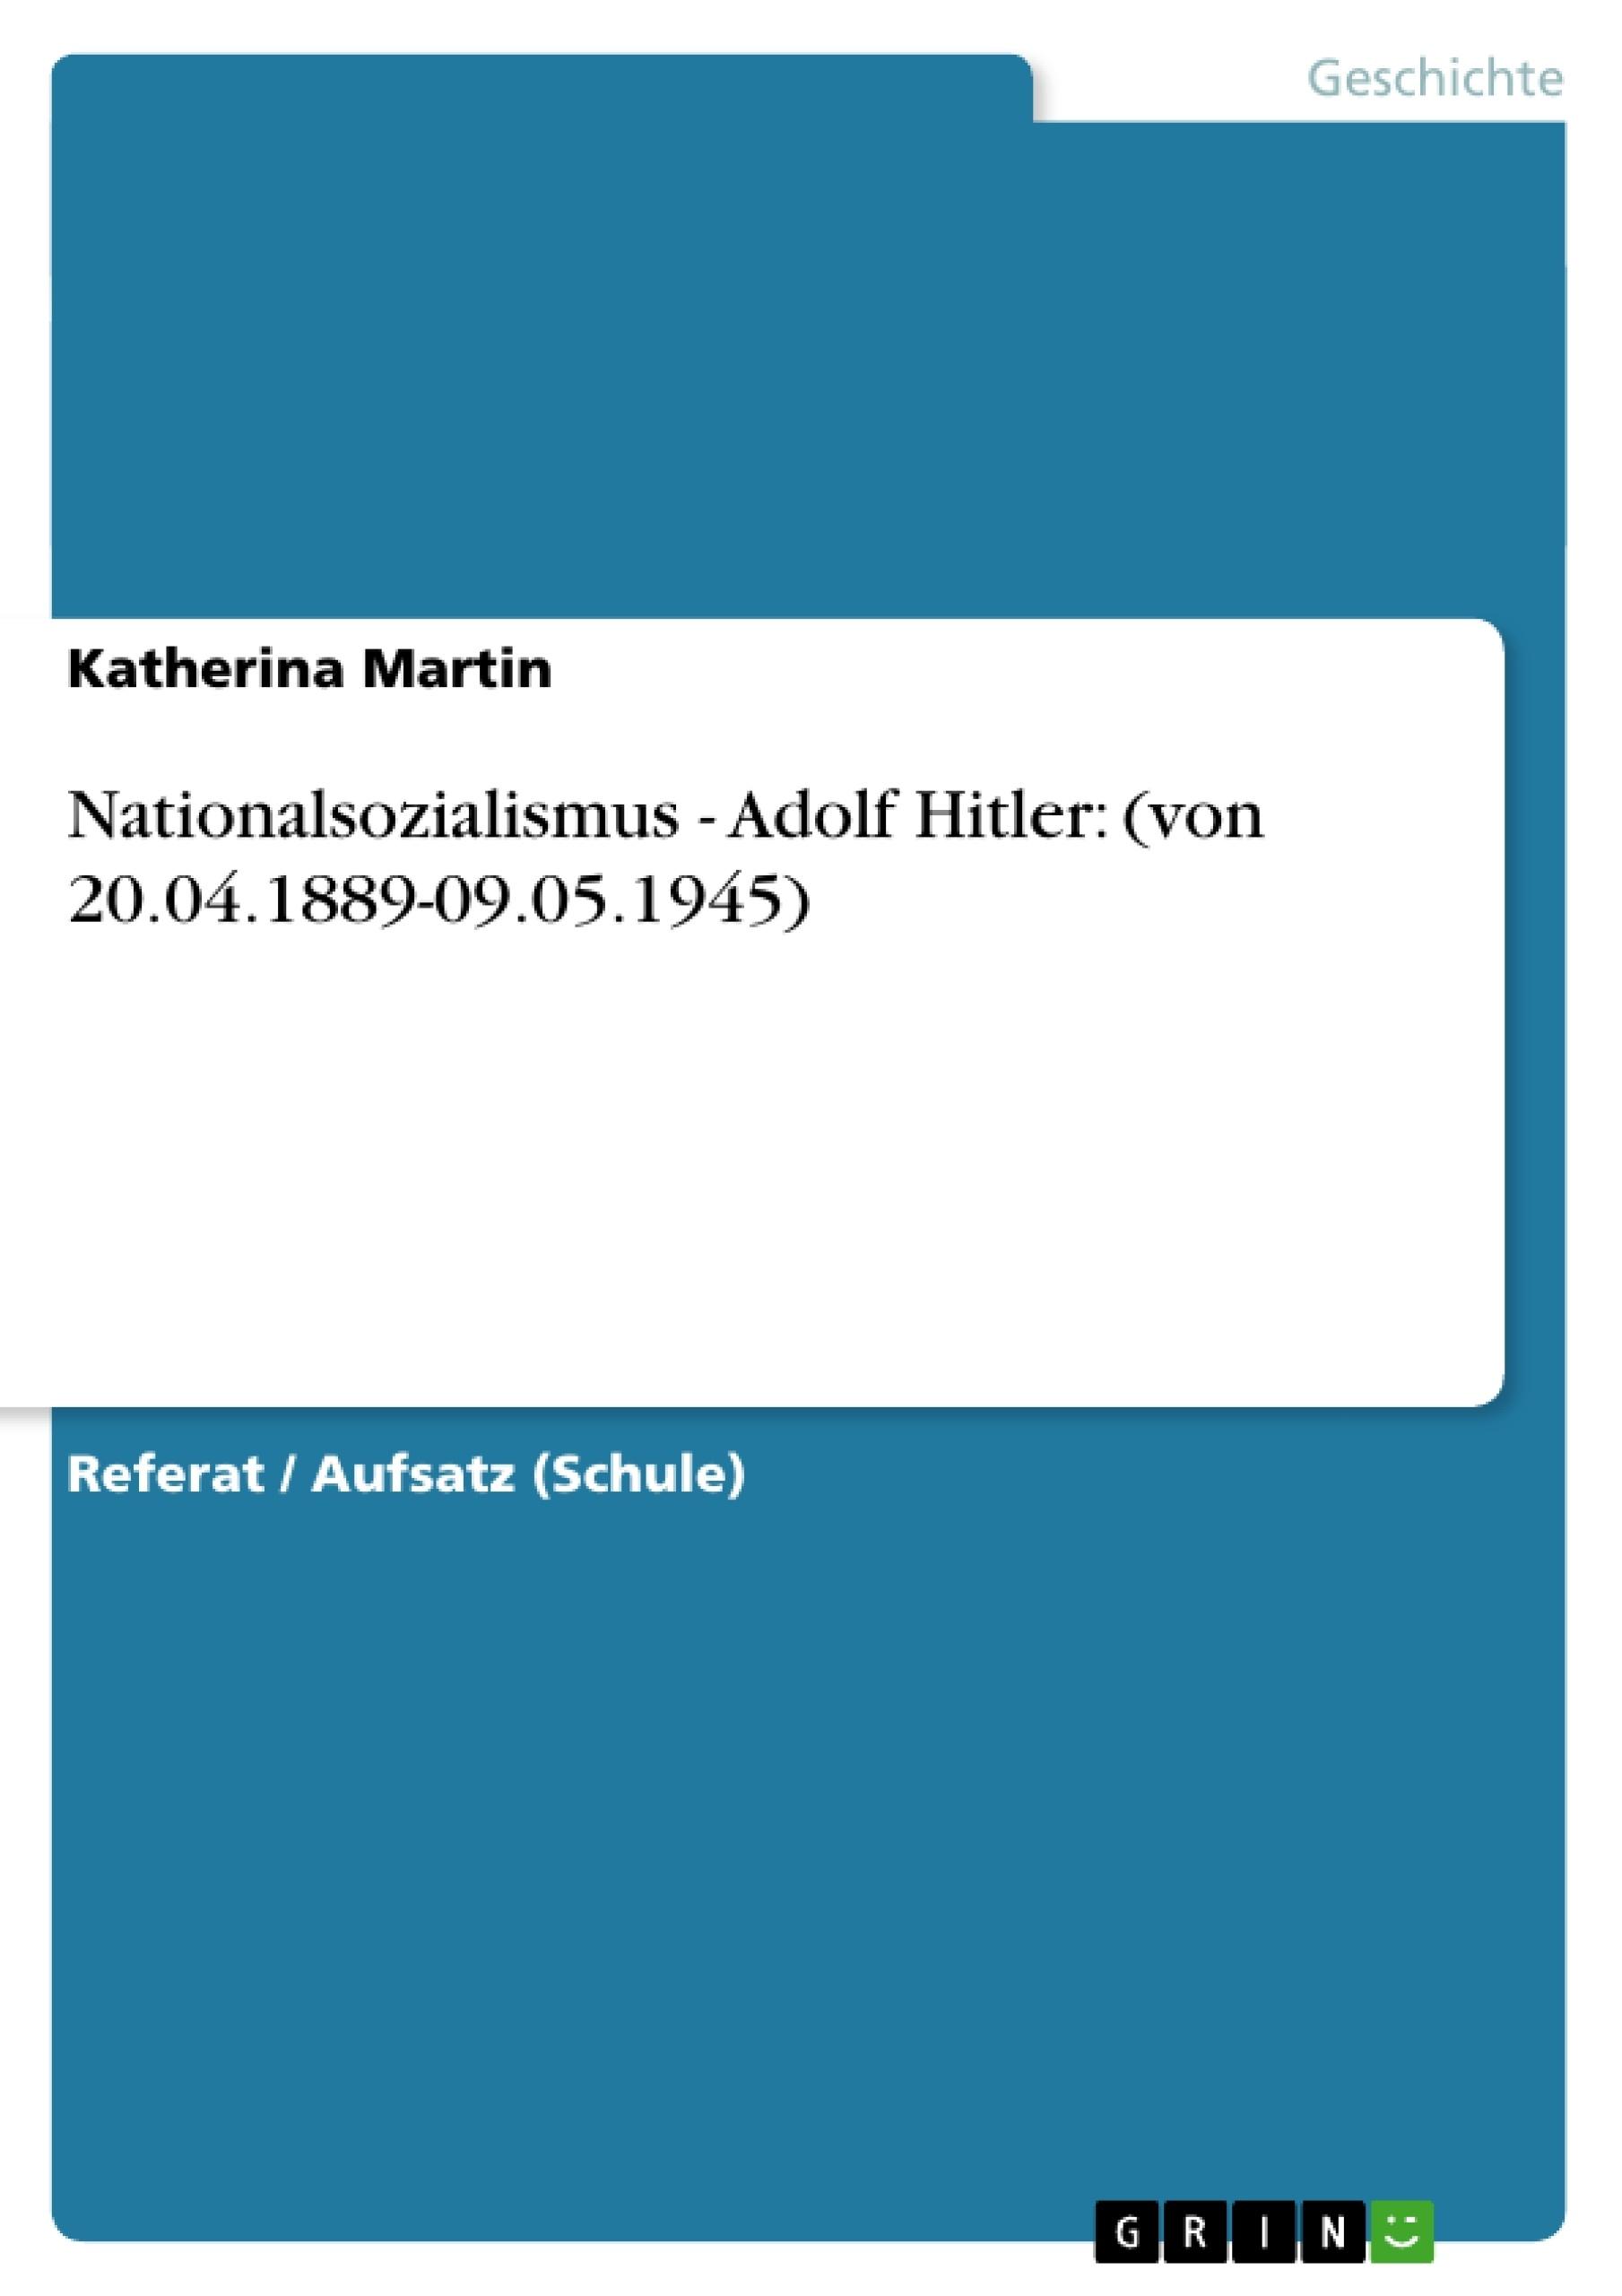 Titel: Nationalsozialismus - Adolf Hitler: (von 20.04.1889-09.05.1945)